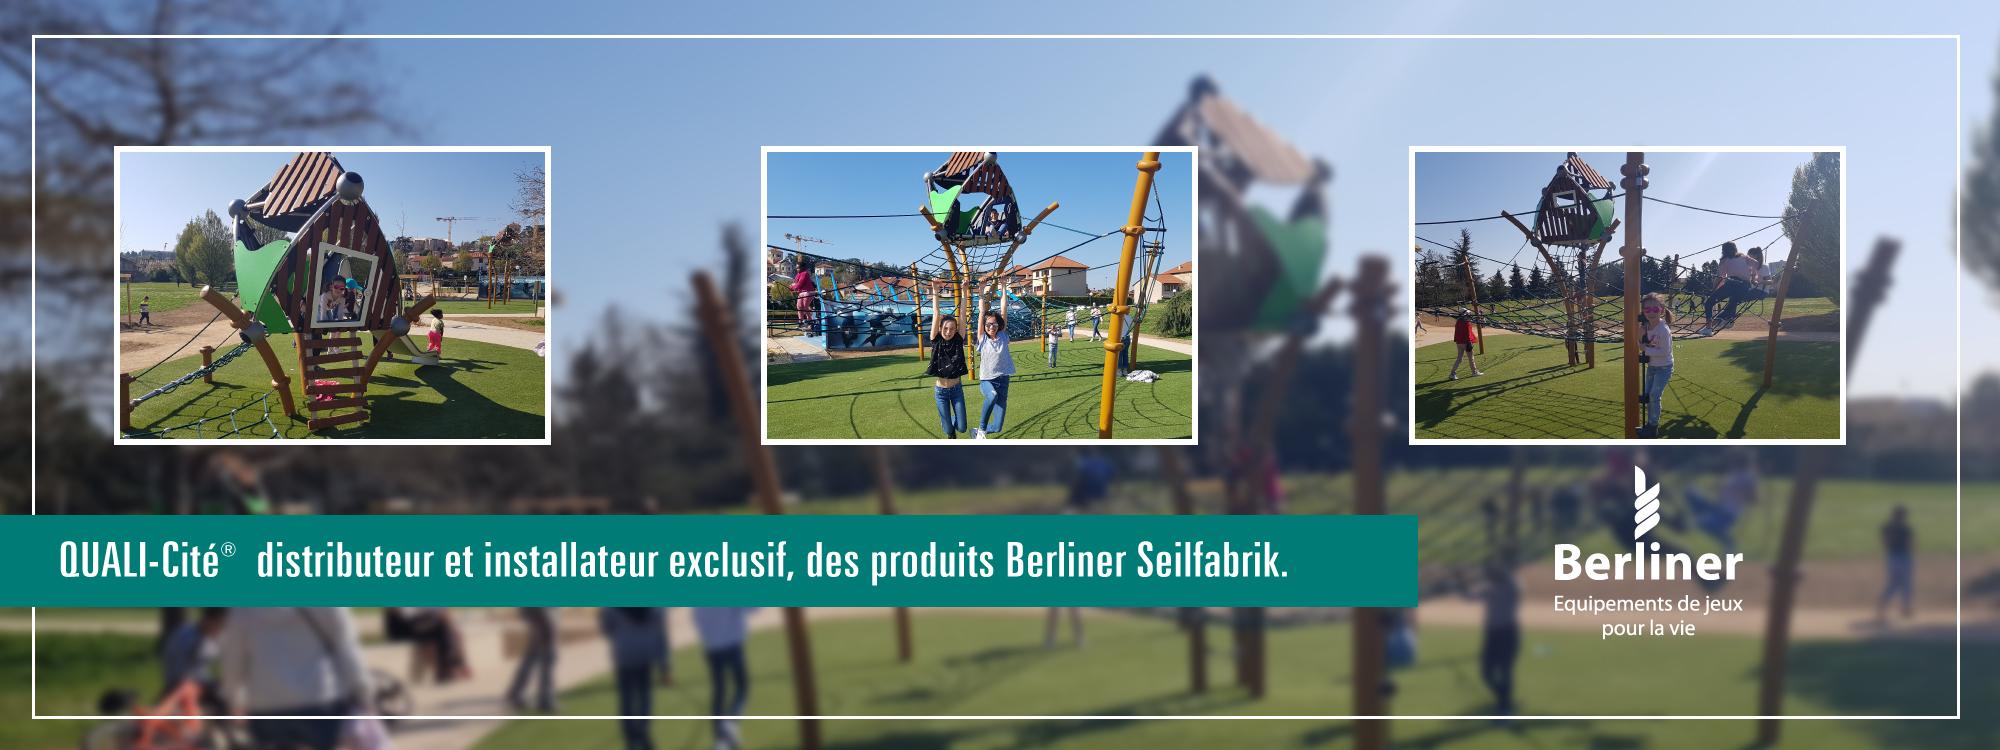 Importateur exclusif d'équipement de jeux Berliner en France